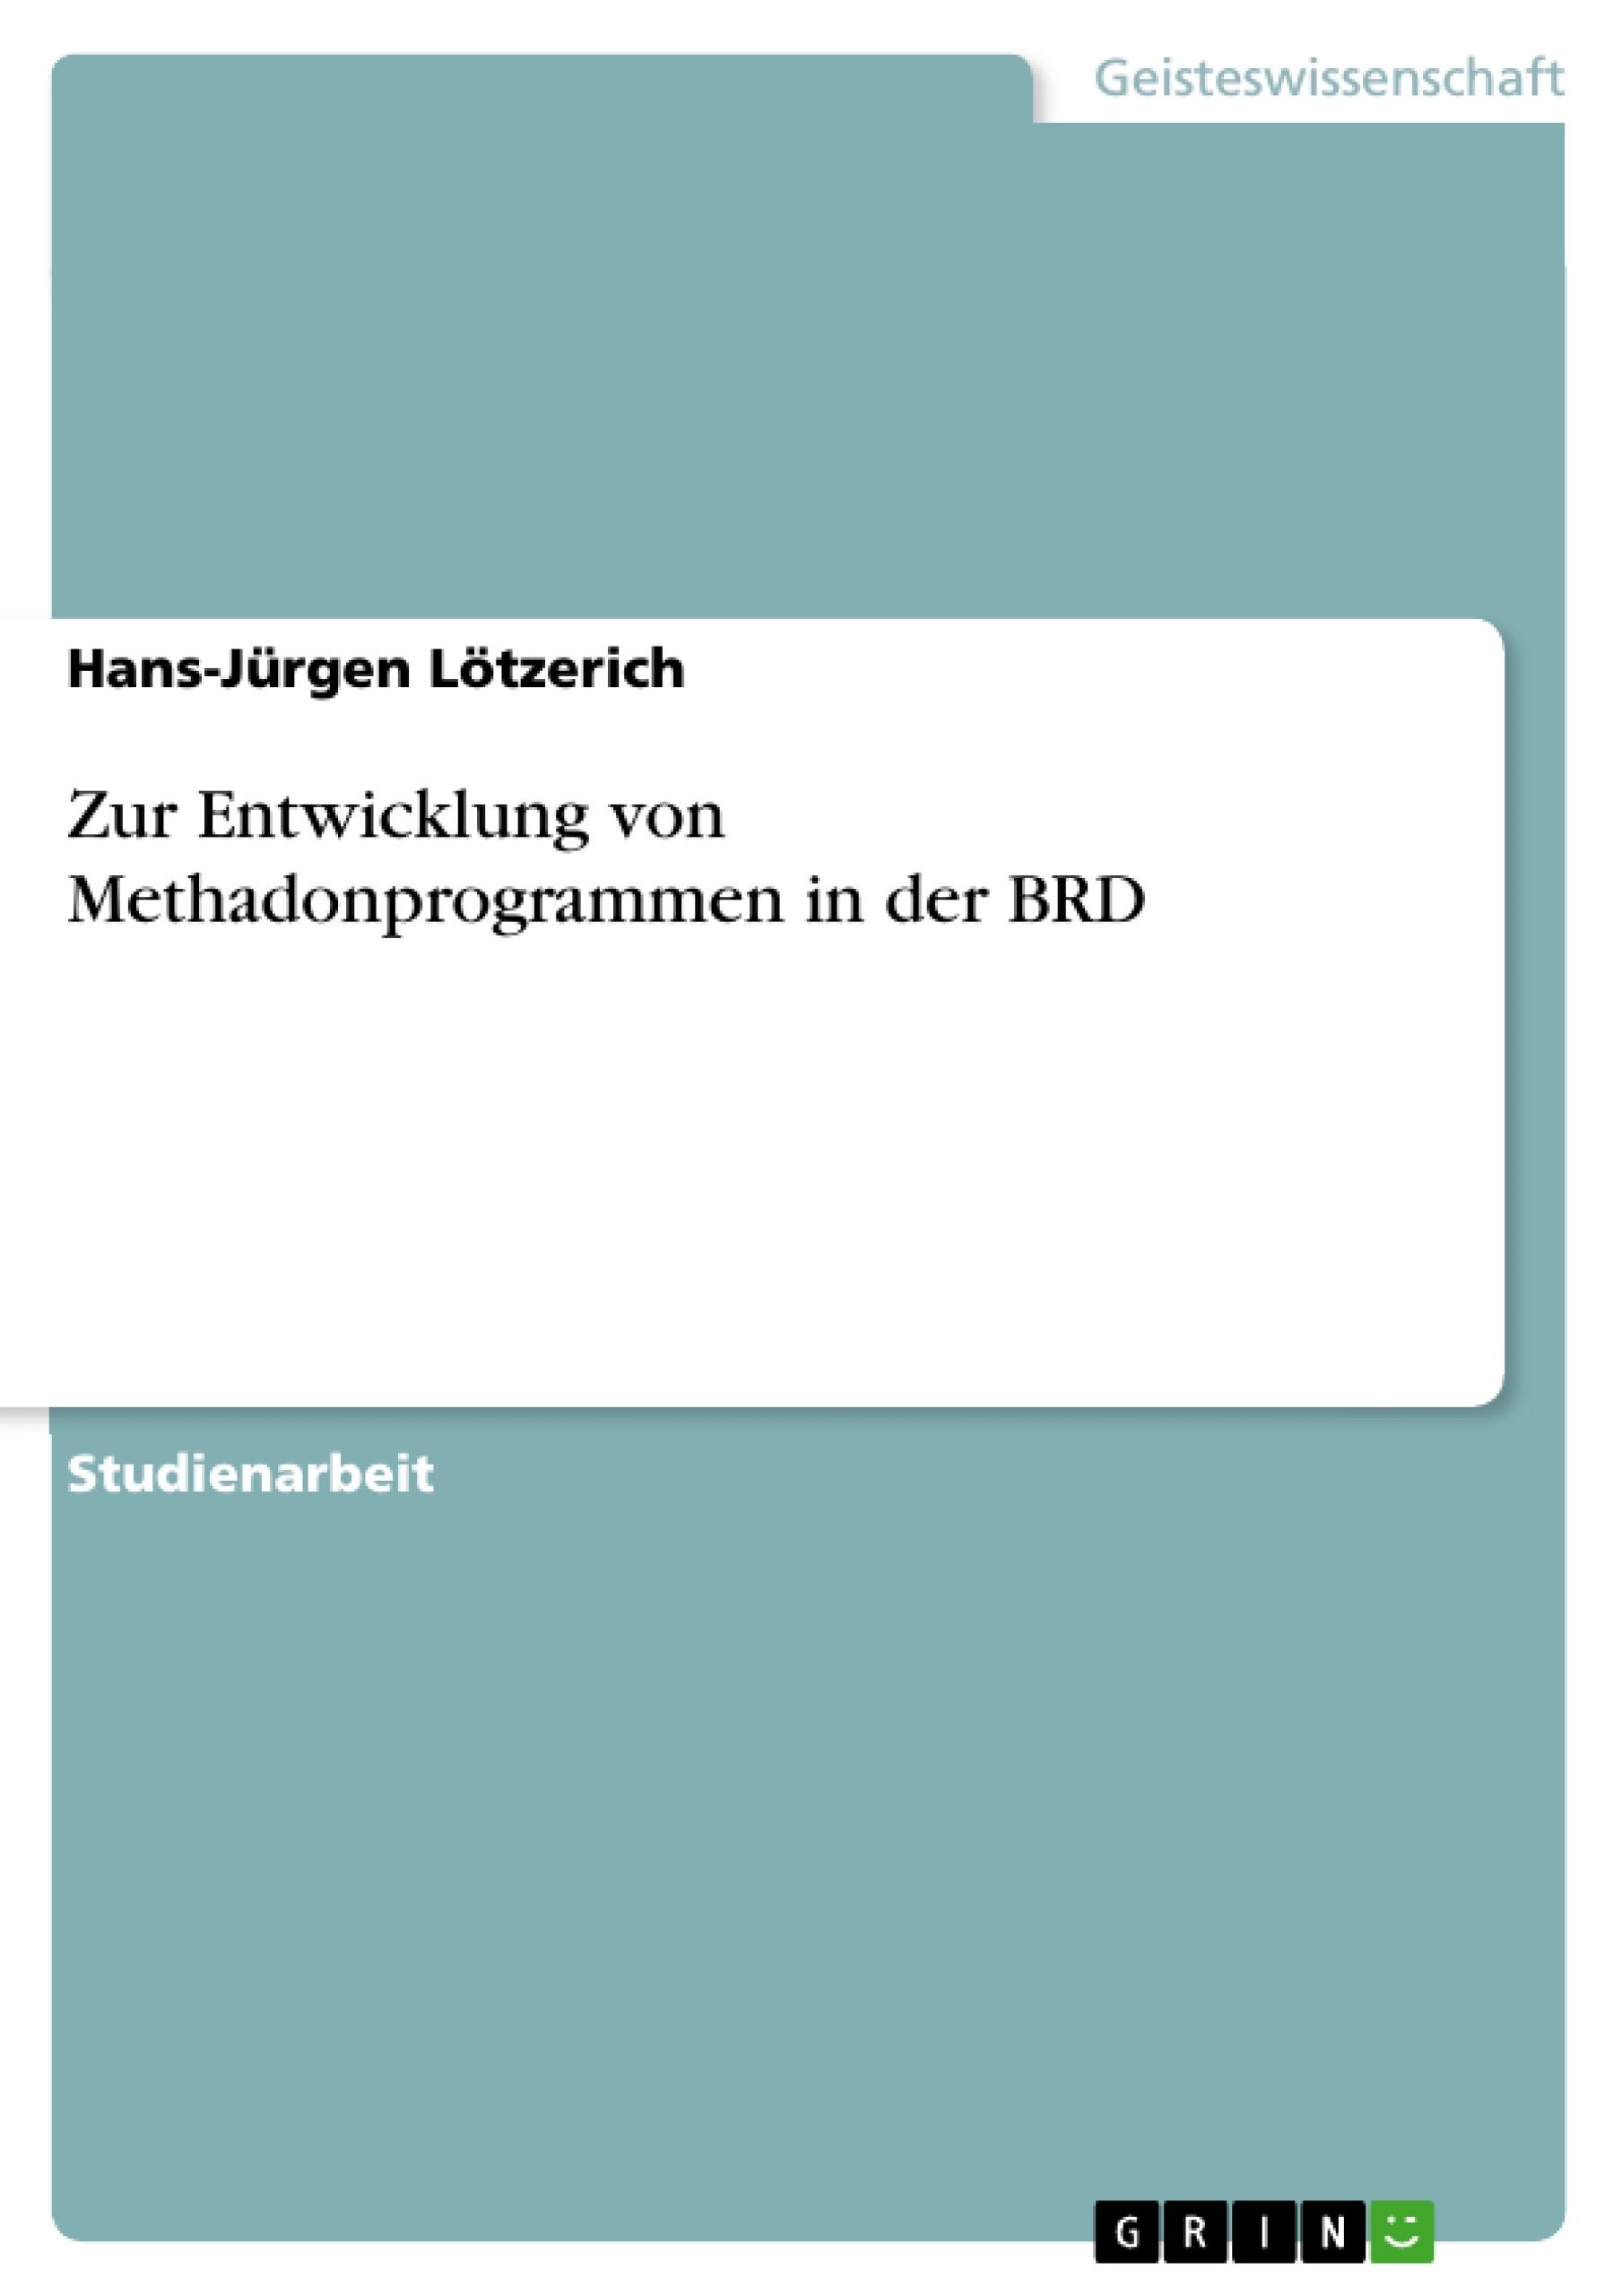 Titel: Zur Entwicklung von Methadonprogrammen in der BRD